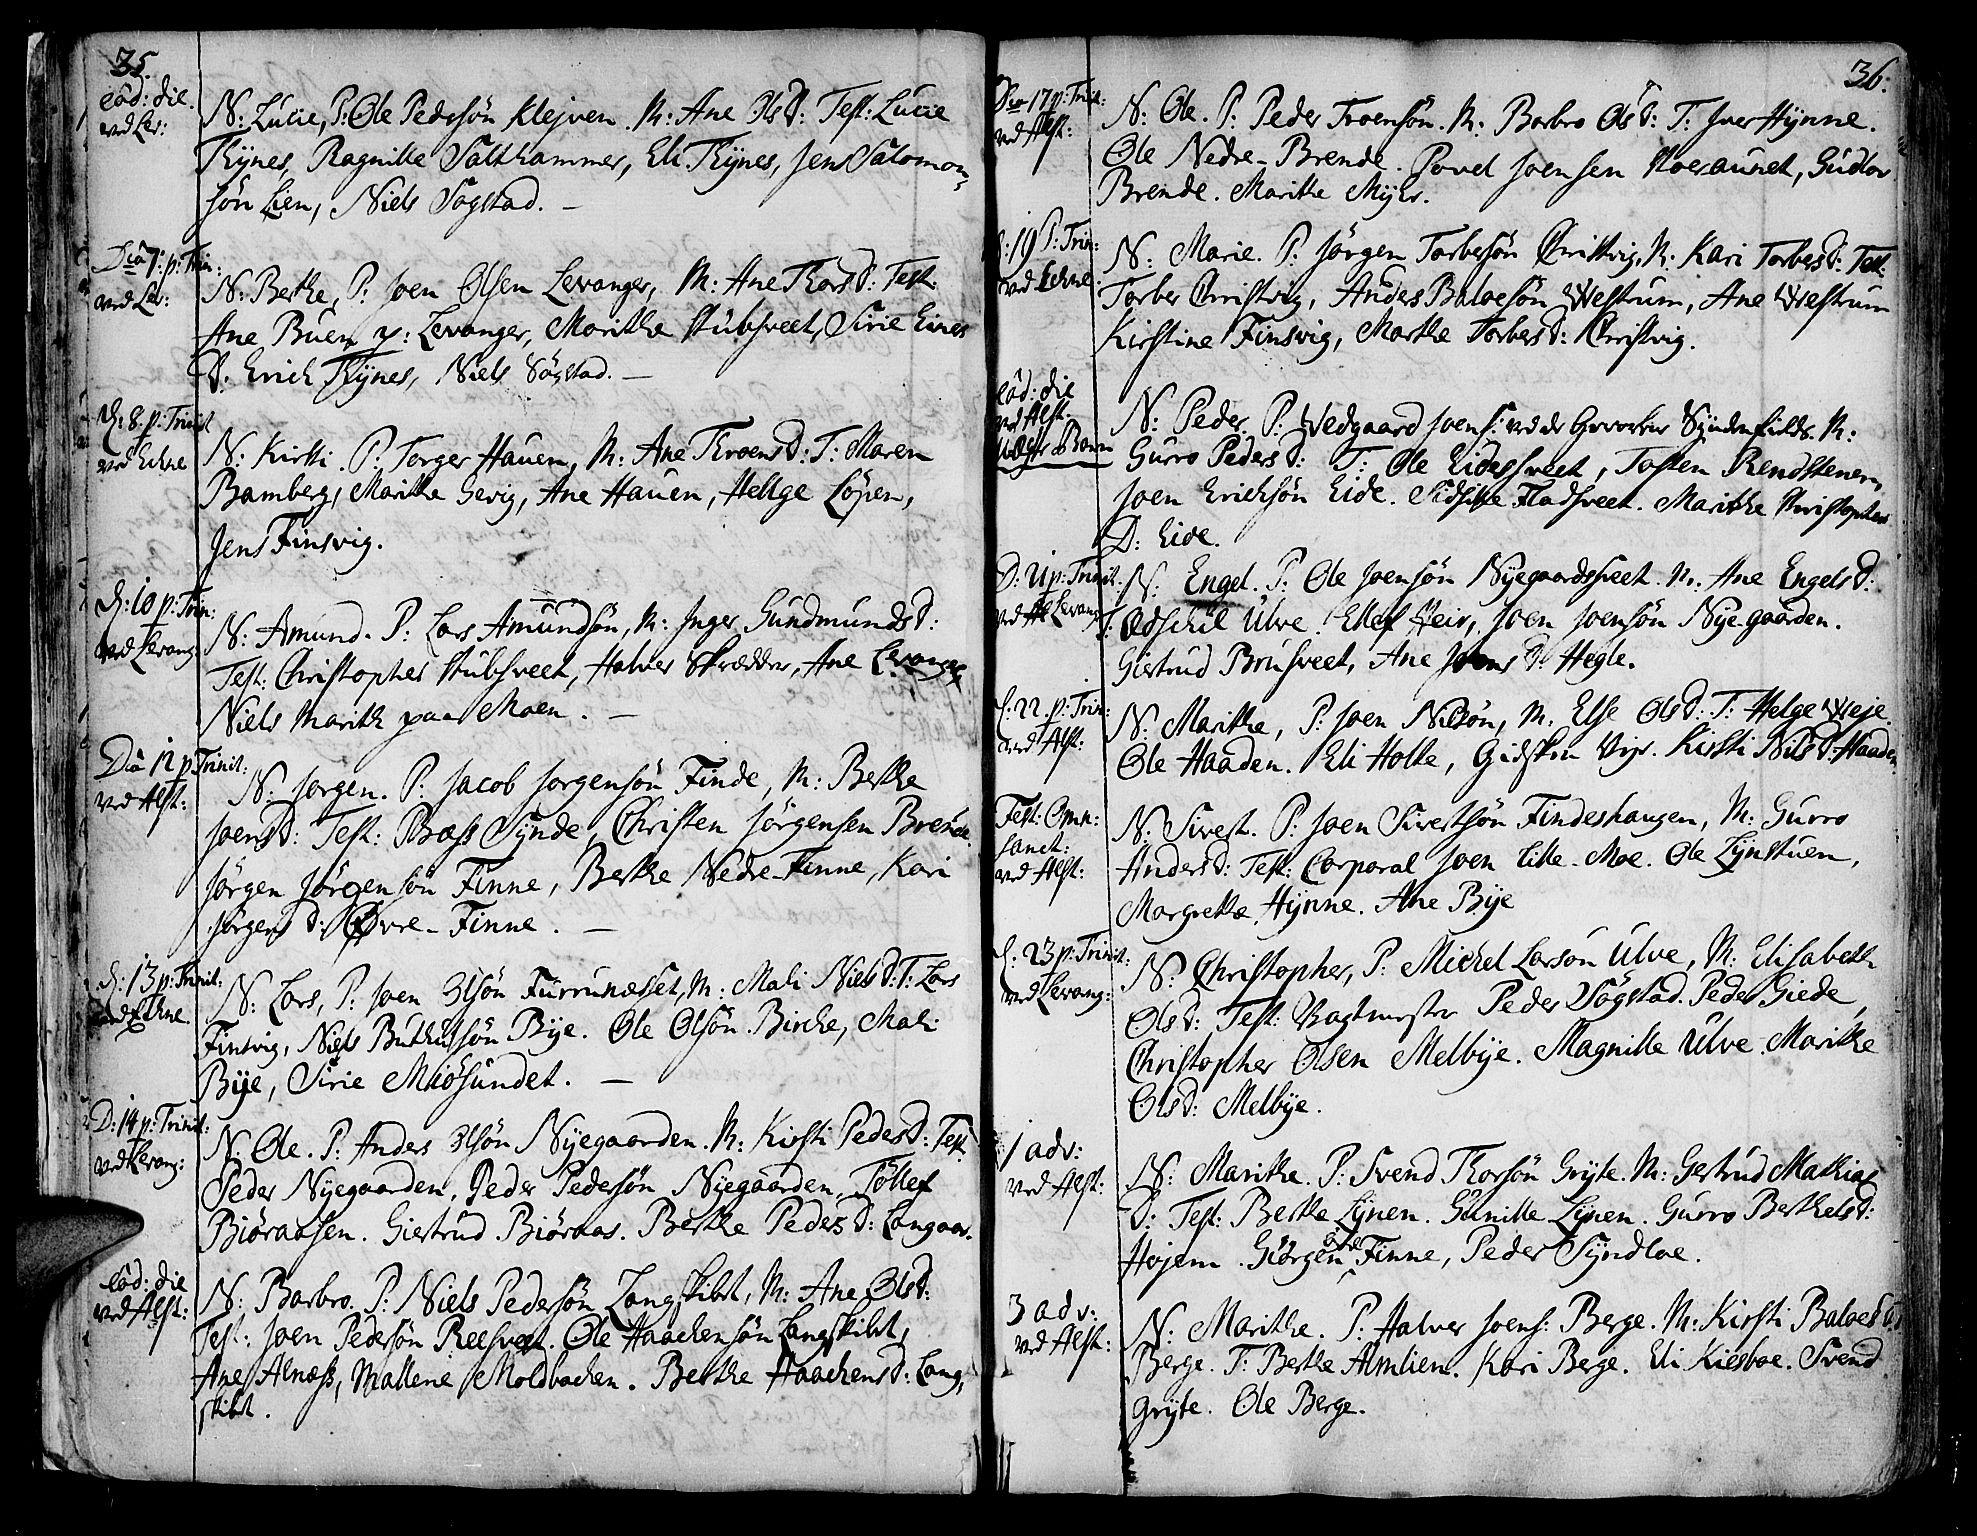 SAT, Ministerialprotokoller, klokkerbøker og fødselsregistre - Nord-Trøndelag, 717/L0141: Ministerialbok nr. 717A01, 1747-1803, s. 35-36